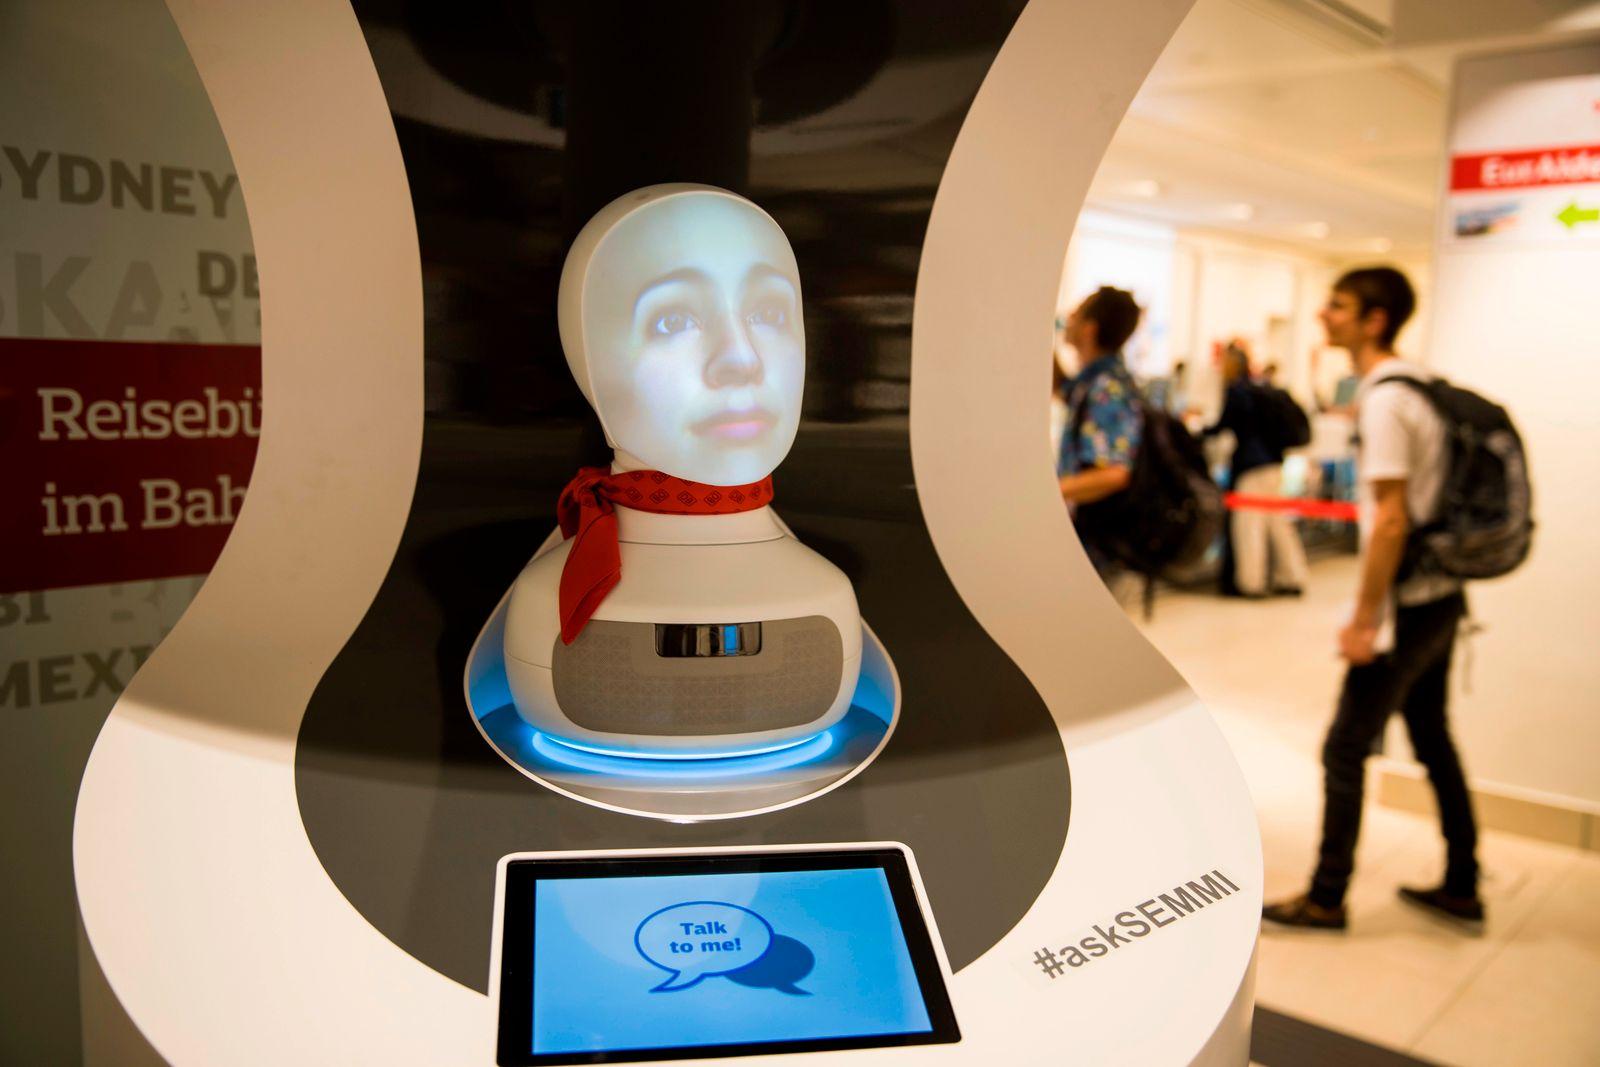 Semmi Roboter / Deutsche Bahn